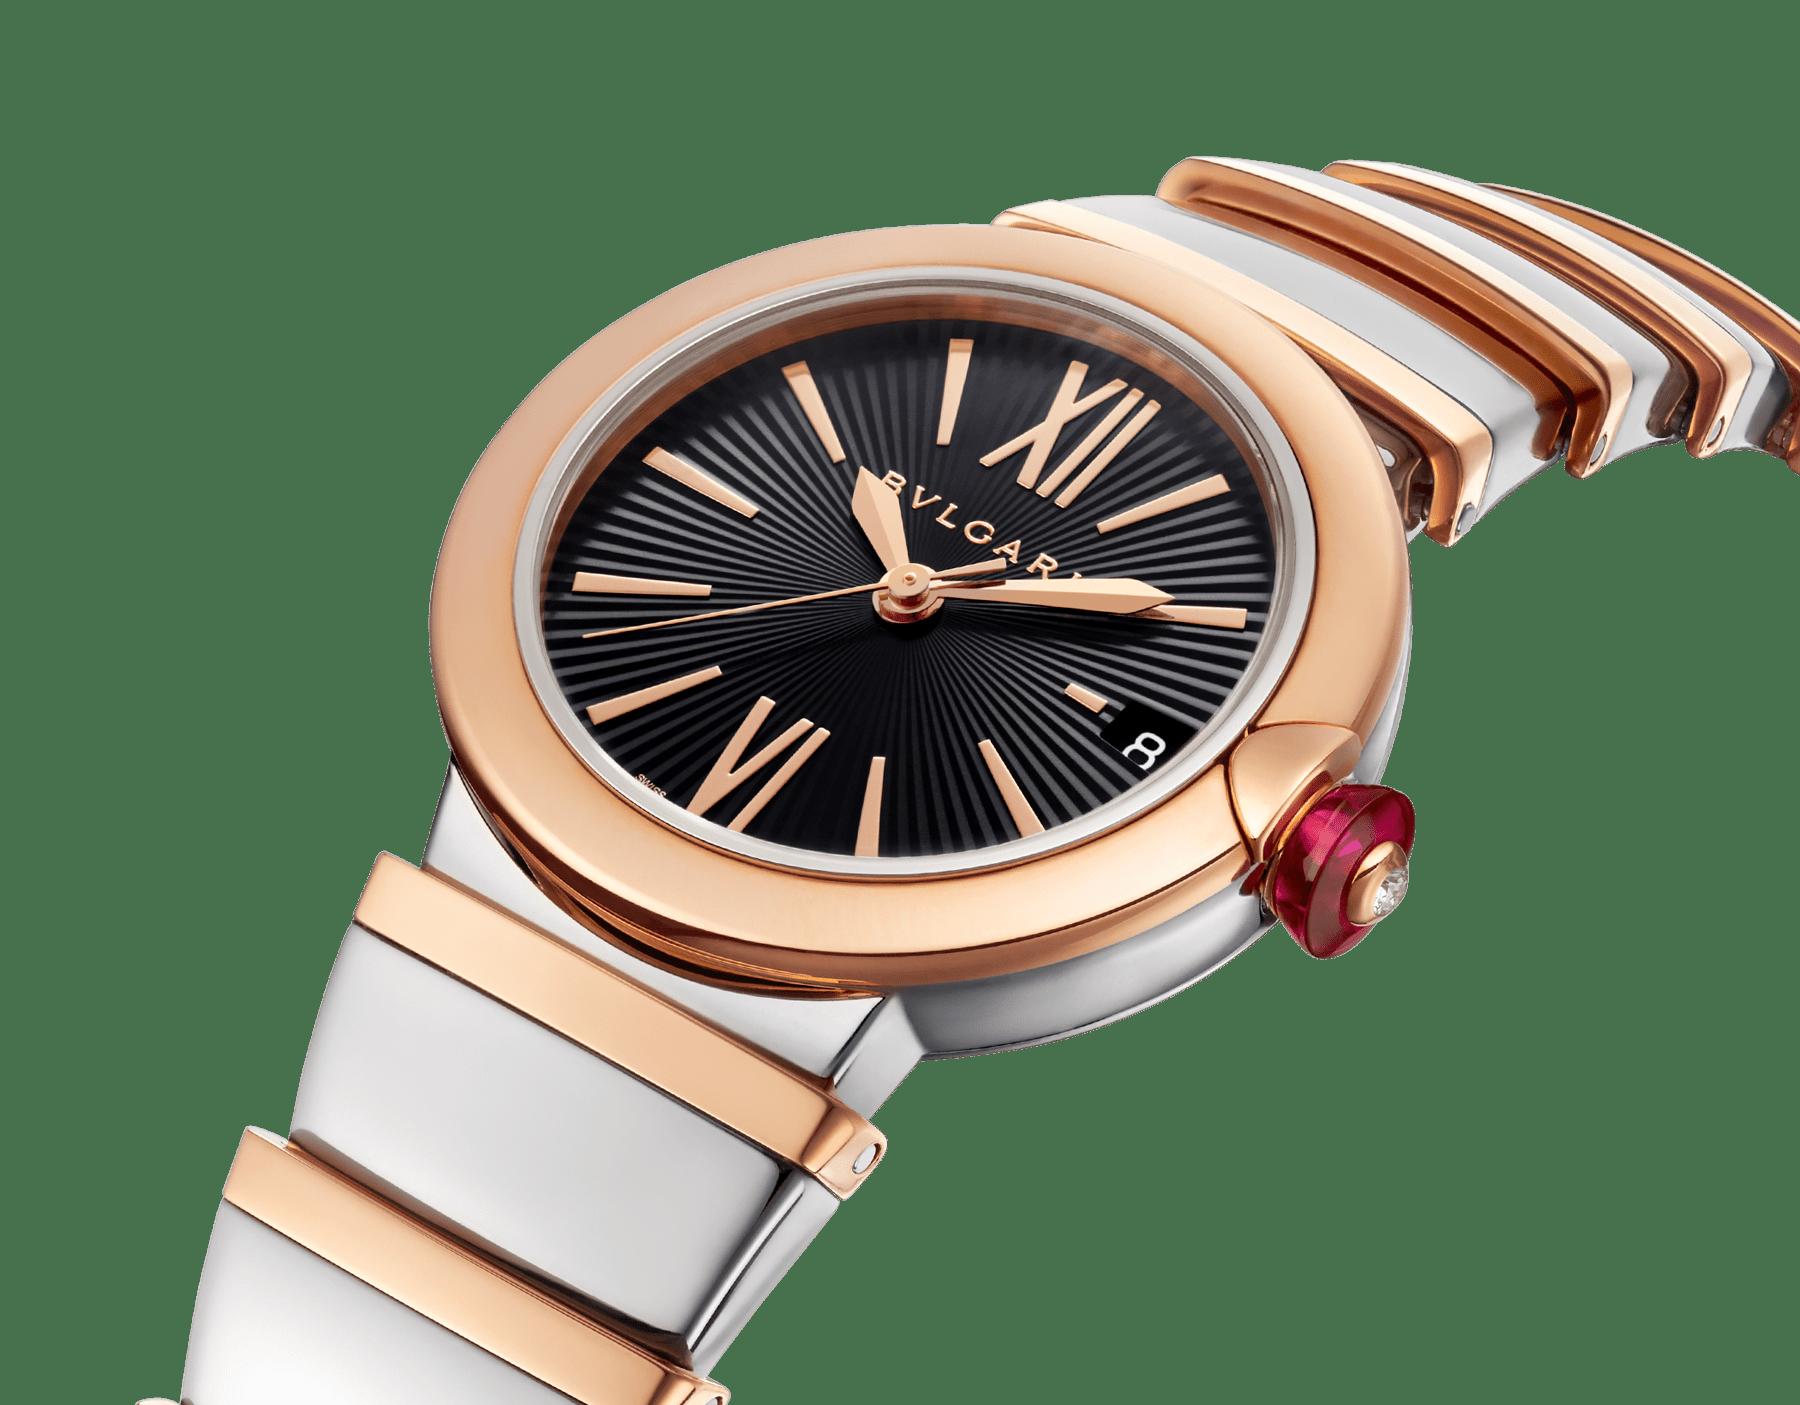 Montre LVCEA avec boîtier et bracelet en or rose 18K et acier inoxydable, cadran en opaline noire. 102192 image 2